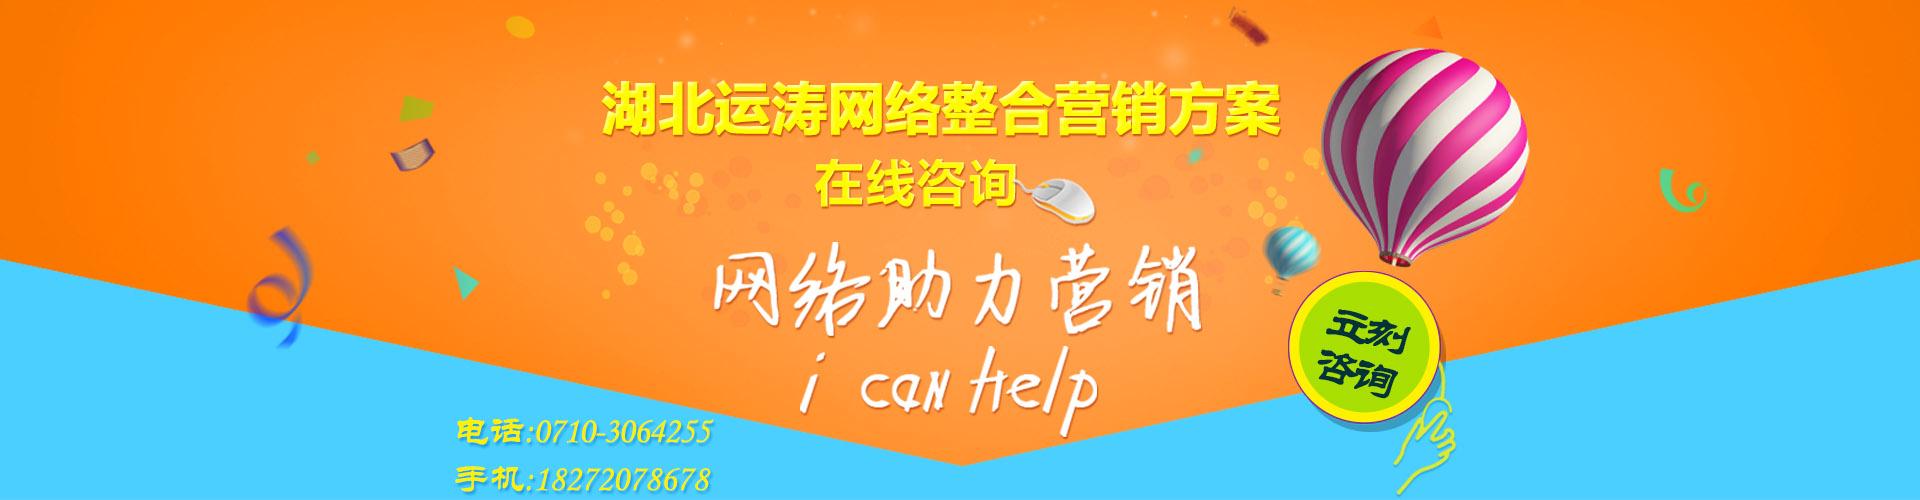 襄阳网络公司